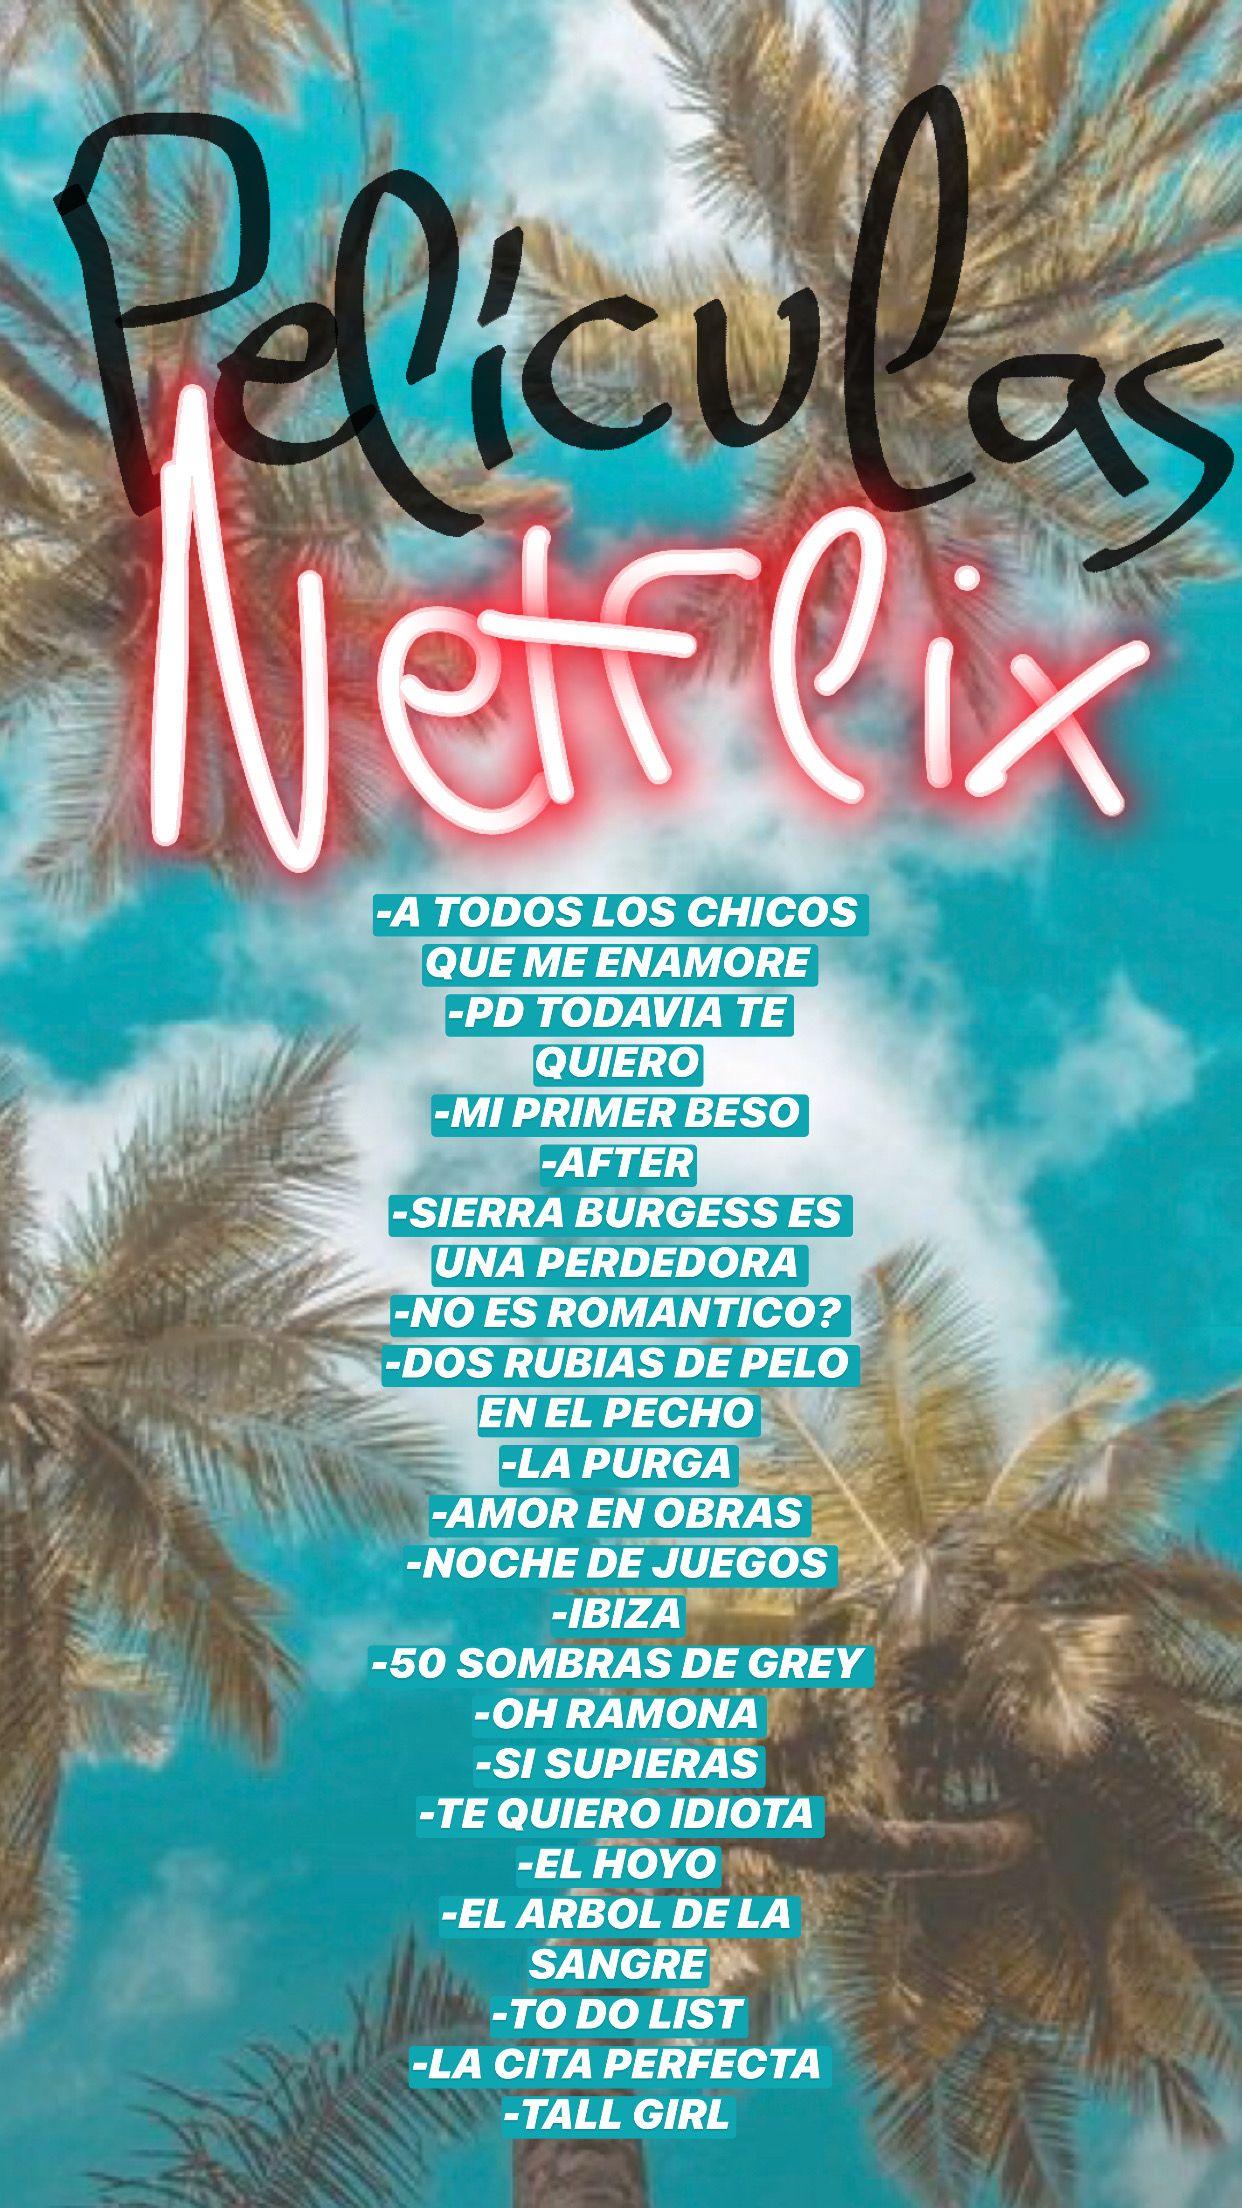 Peliculas De Netflix Comedia Romantica Peliculas En Netflix Peliculas Comedias Románticas